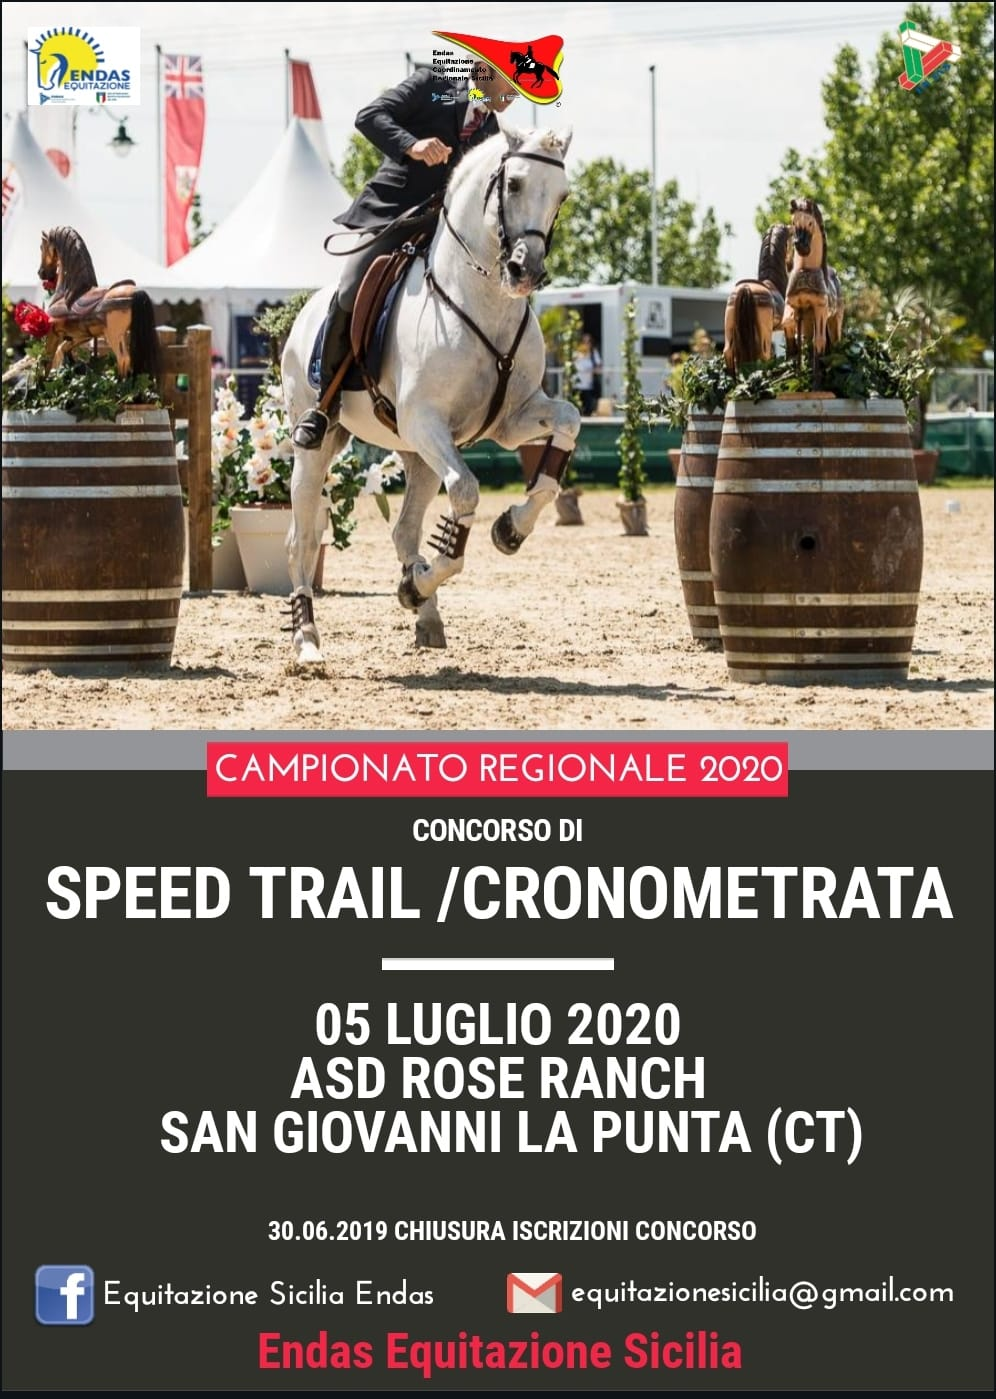 Campionato regionale Speed Trail/Cronometrata 2020